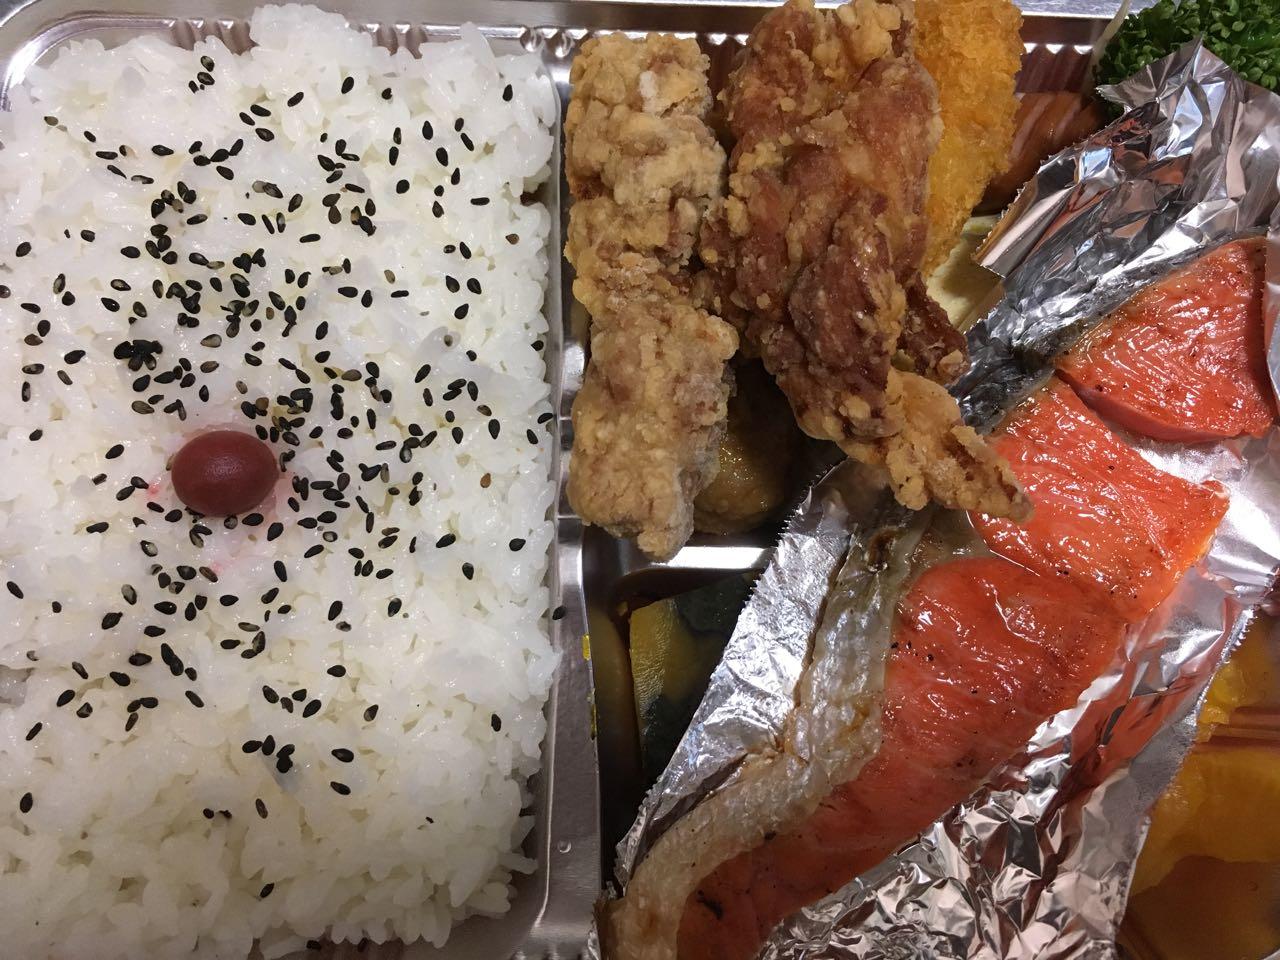 みとん今治,くらや,弁当,持ち帰り,美須賀町